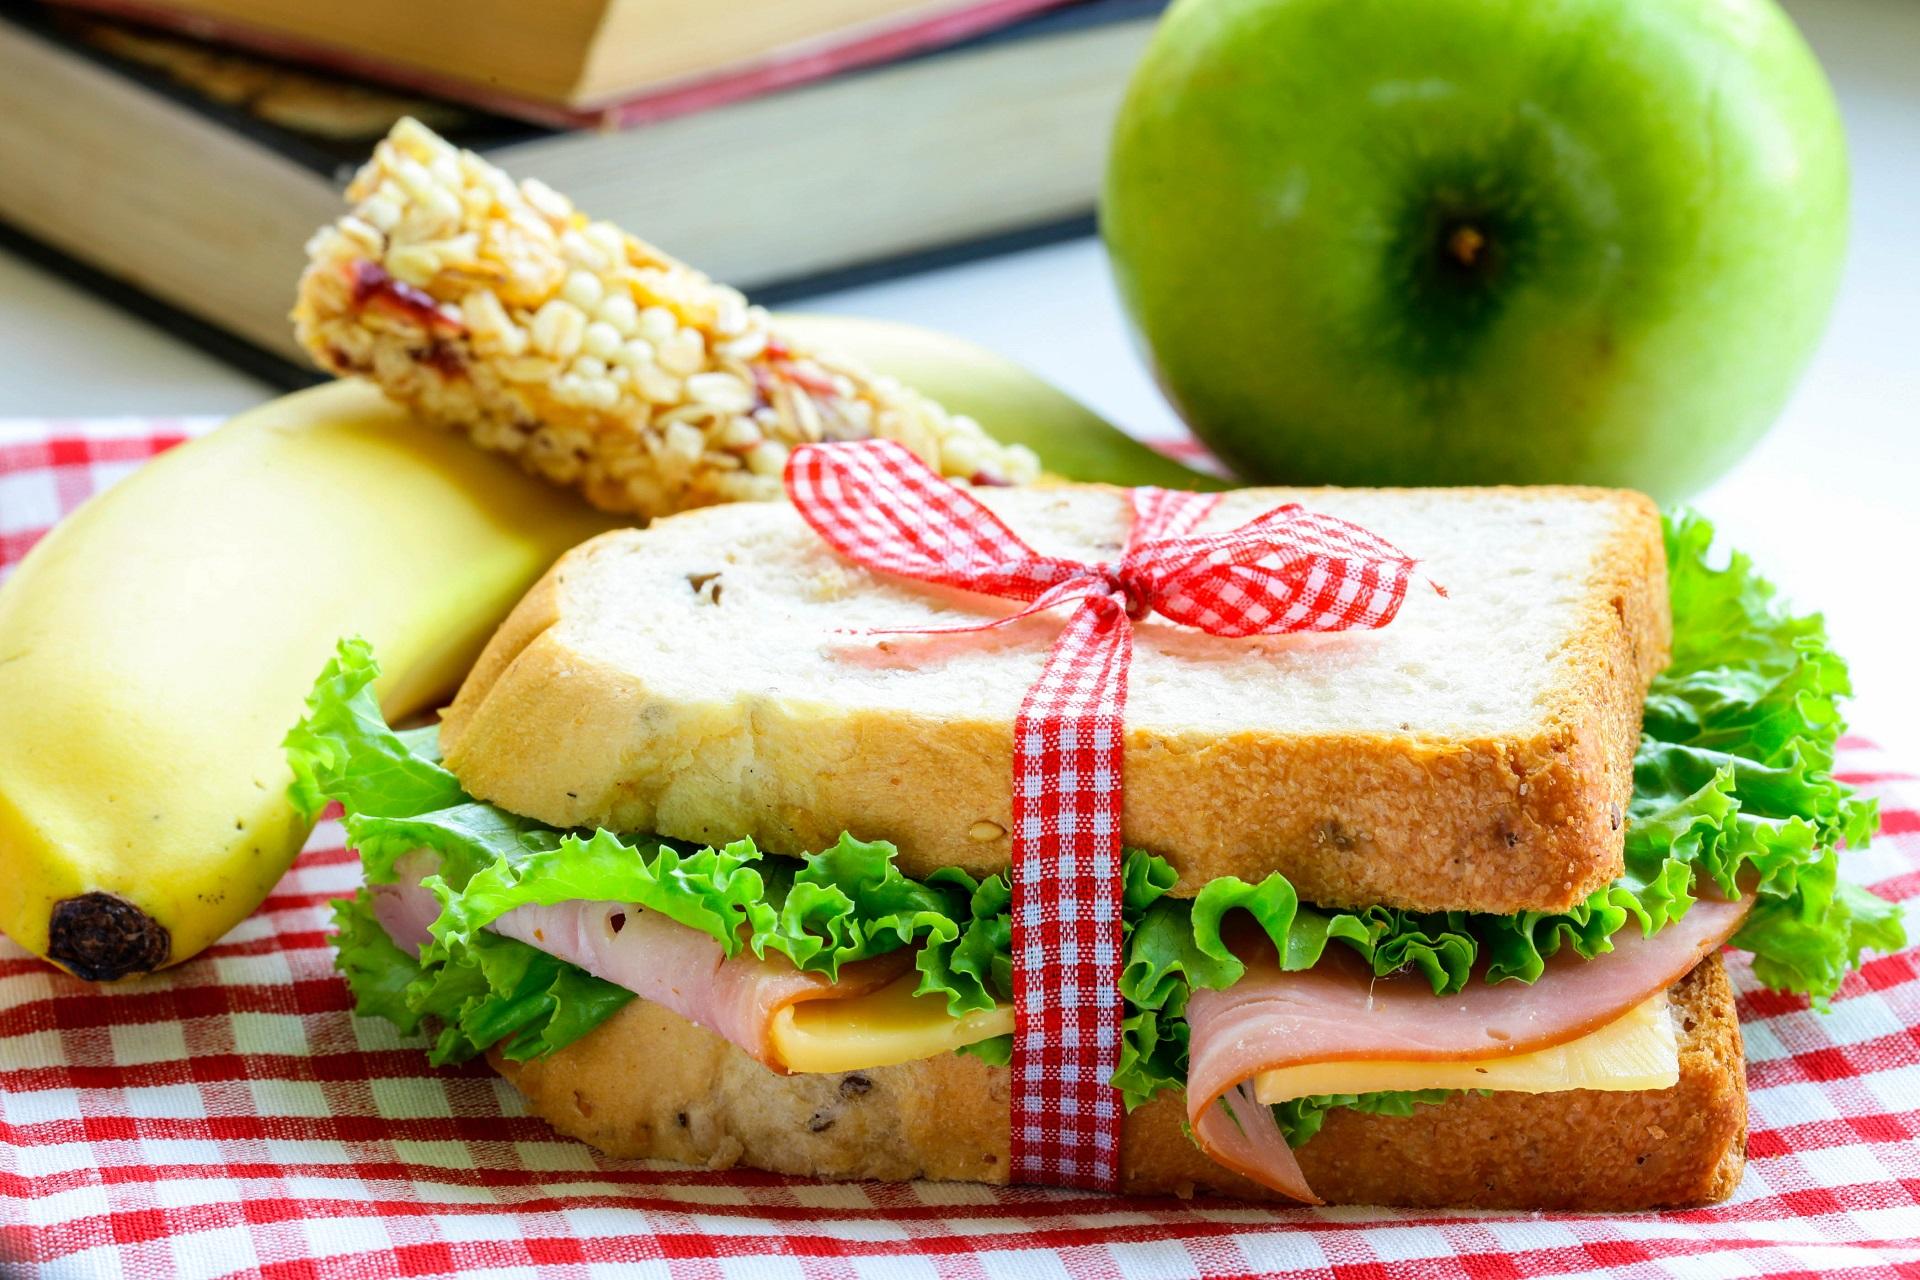 Schlafen am Flughafen Tipps, Nahrung, Sandwich